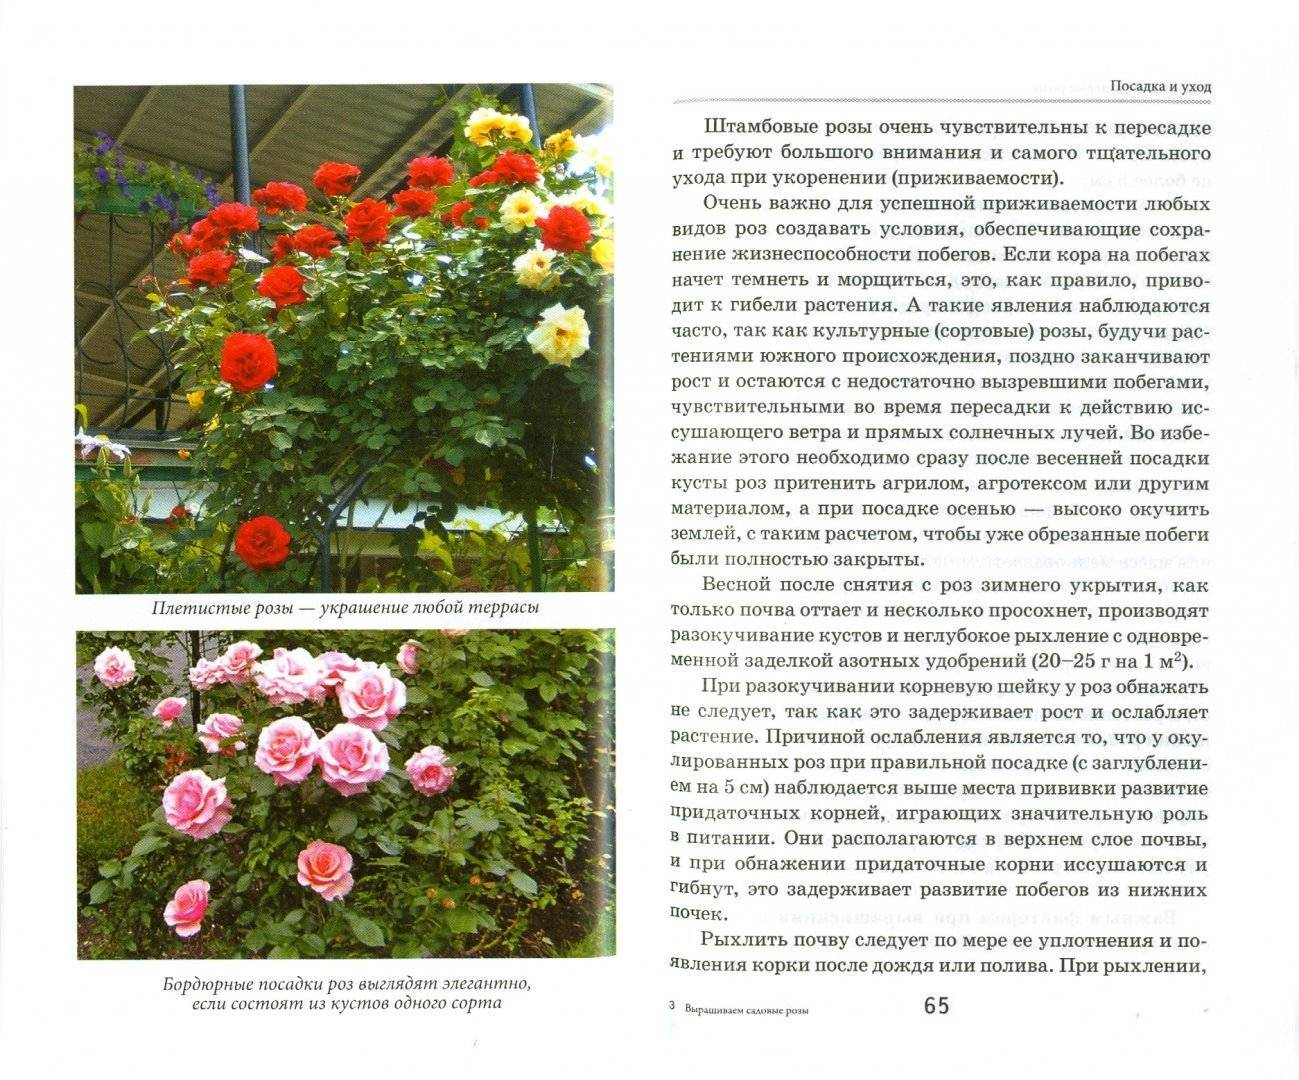 Розы сорта флорибунда: лучшие сорта, описание и уход